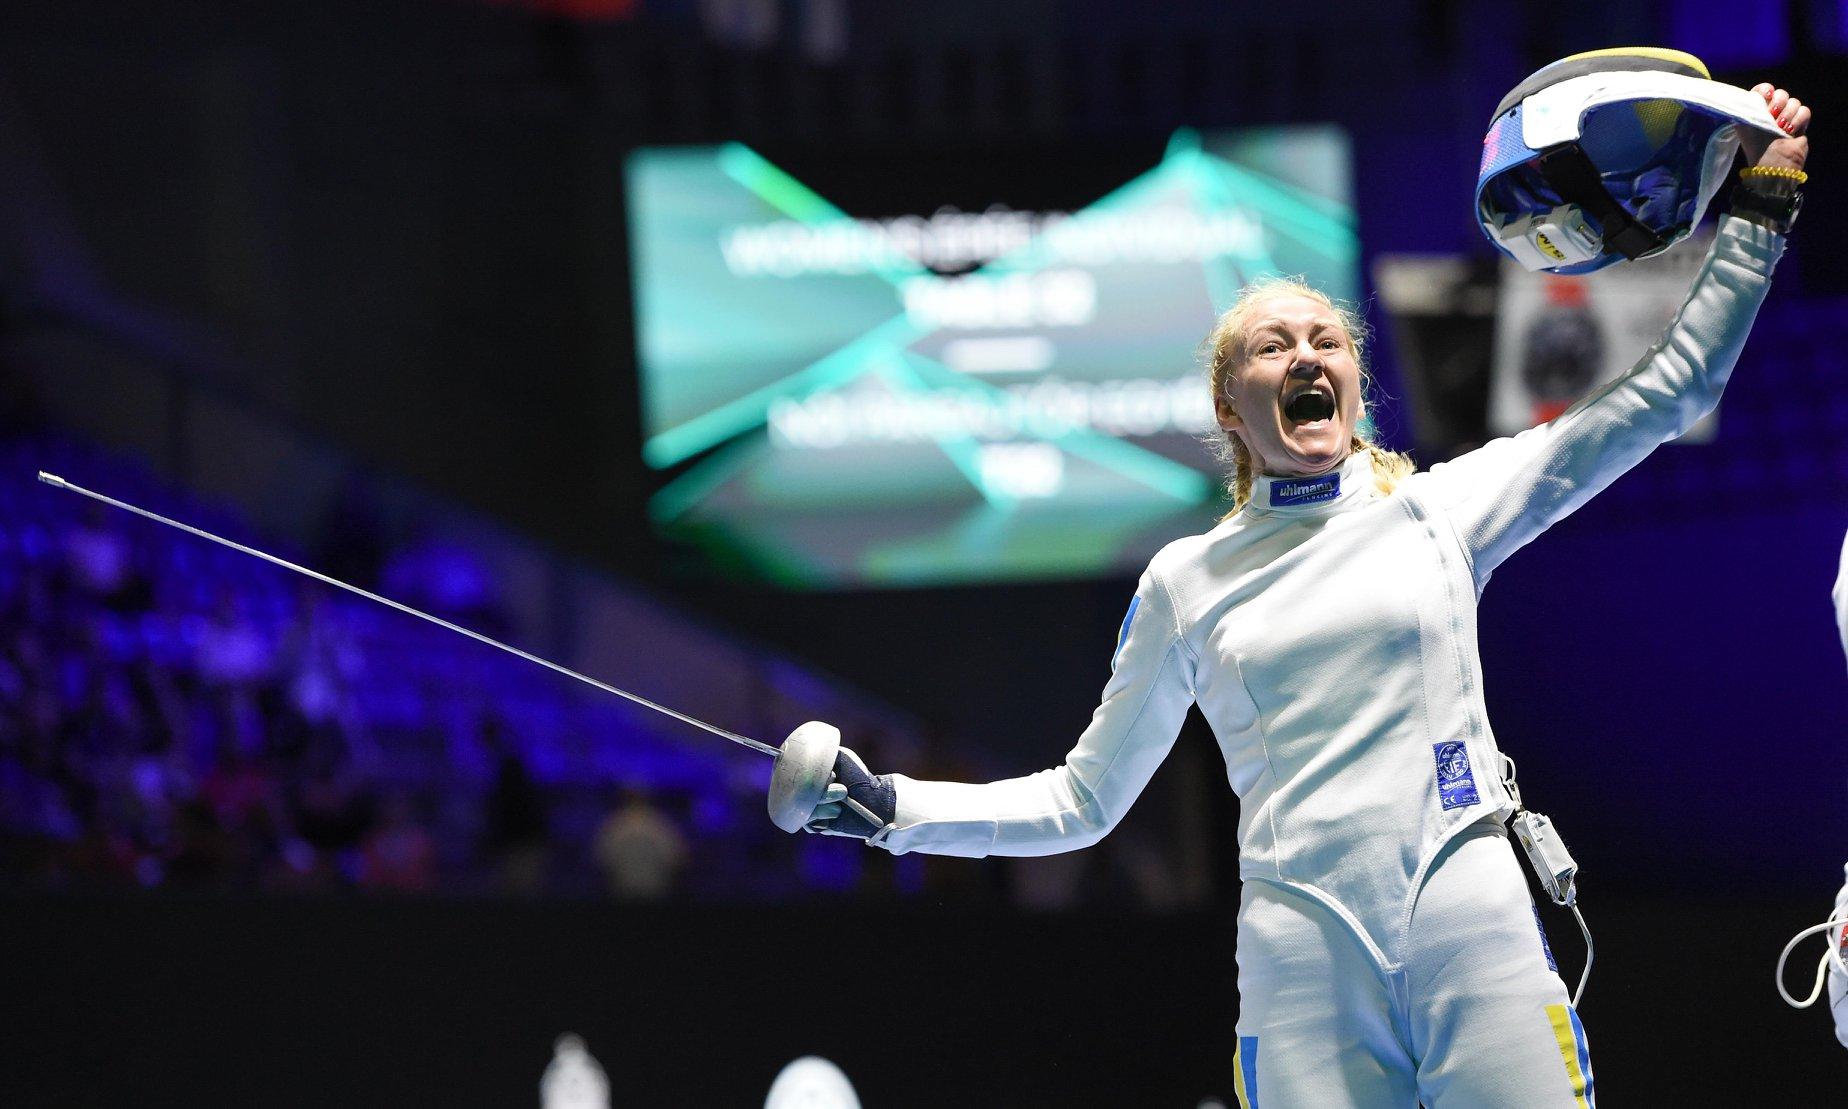 Украинская спортсменка Елена Кривицкая выиграла золото по фехтованию на олимпийских играх в Мадриде